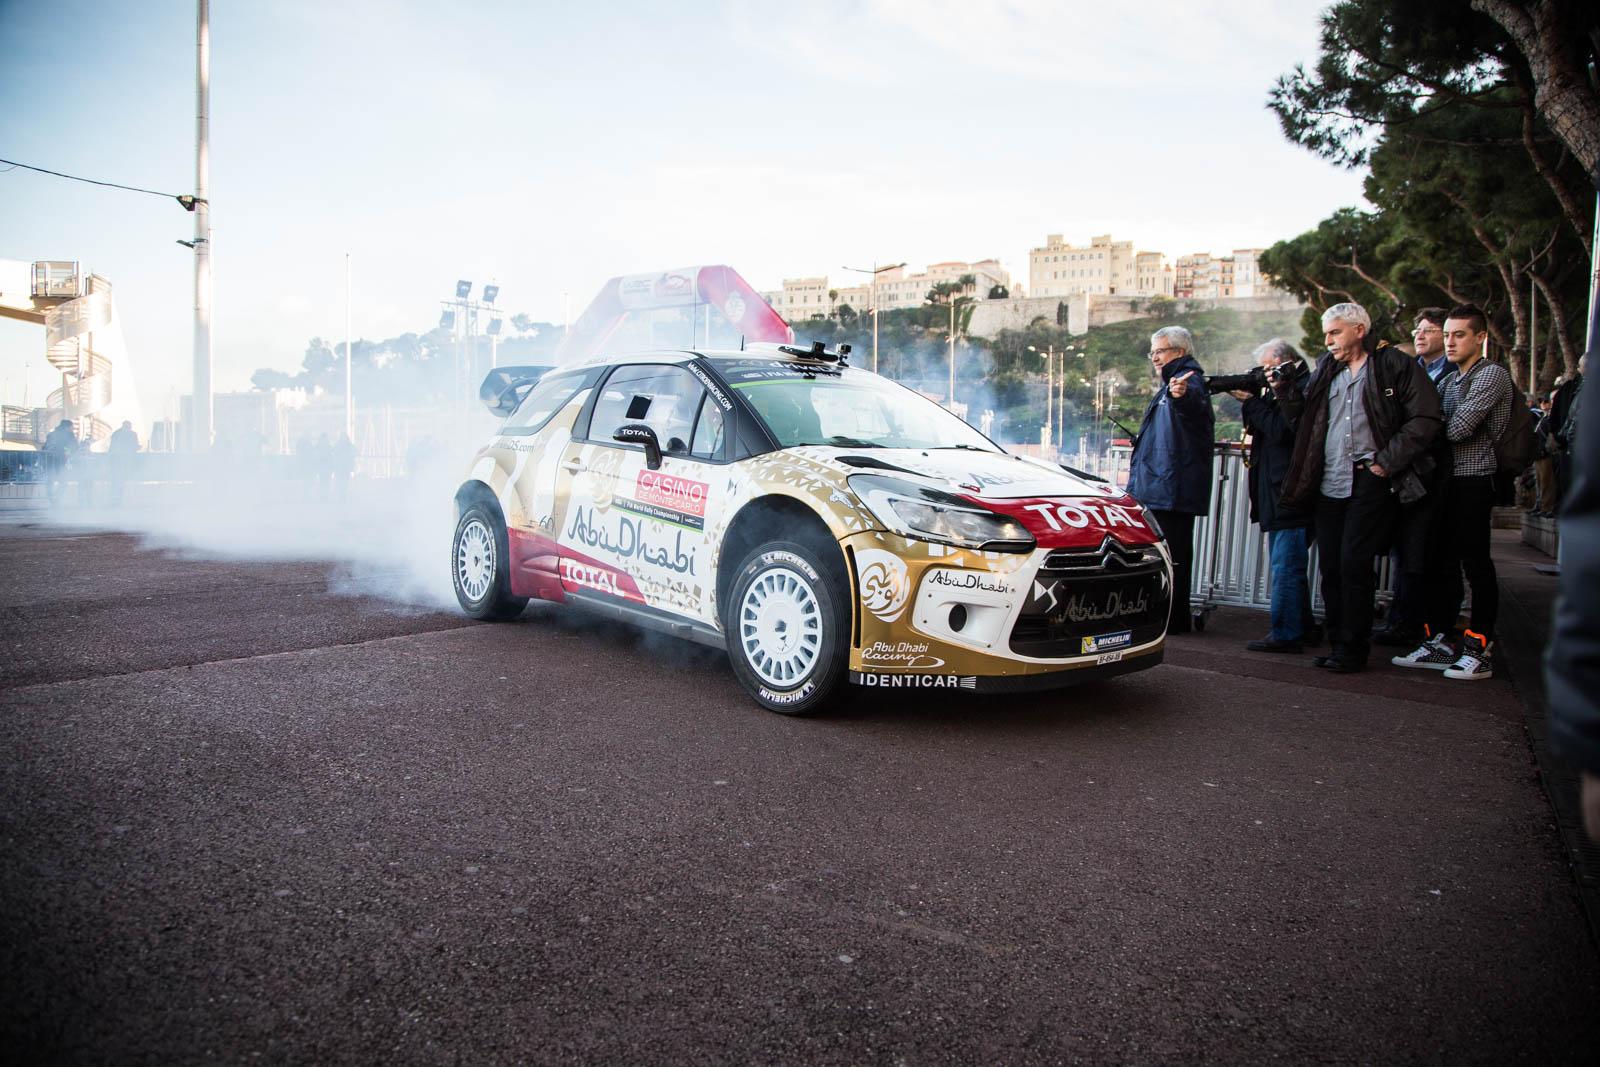 2015-01-22 Rally de Monte-Carlo copyright Ivan Blanco - LR-2909.jpg